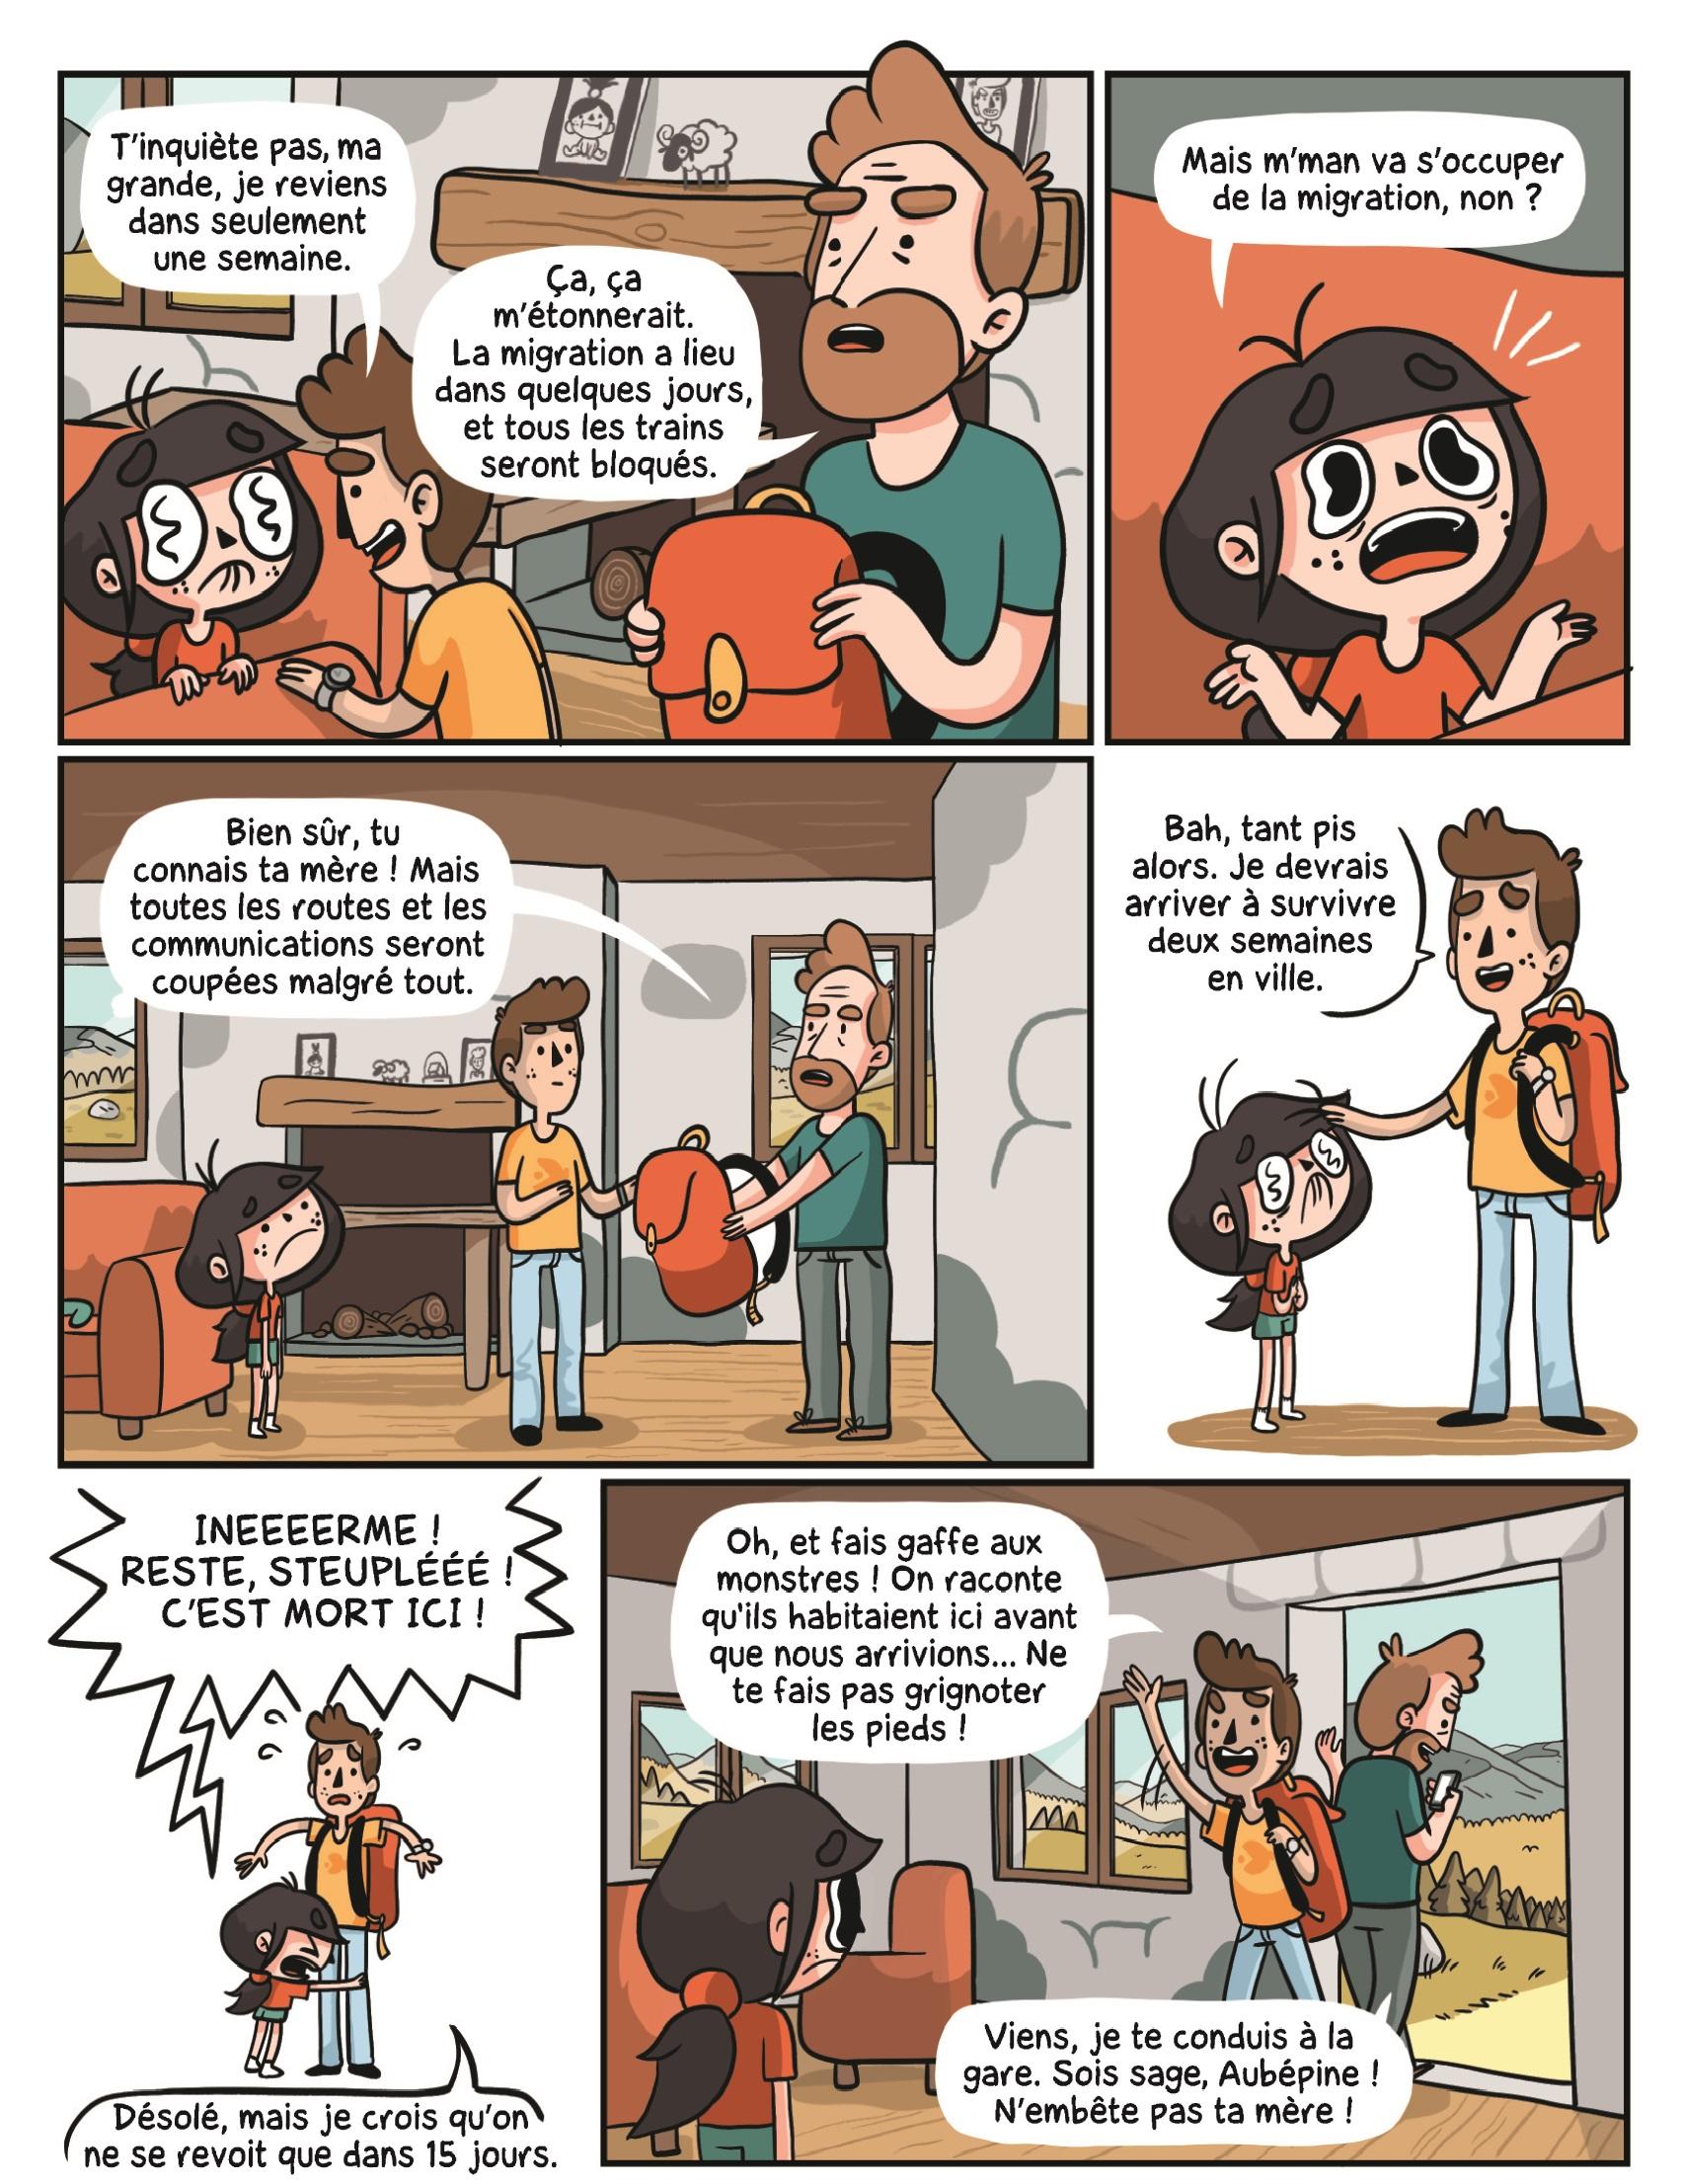 Aubépine T1 page 13